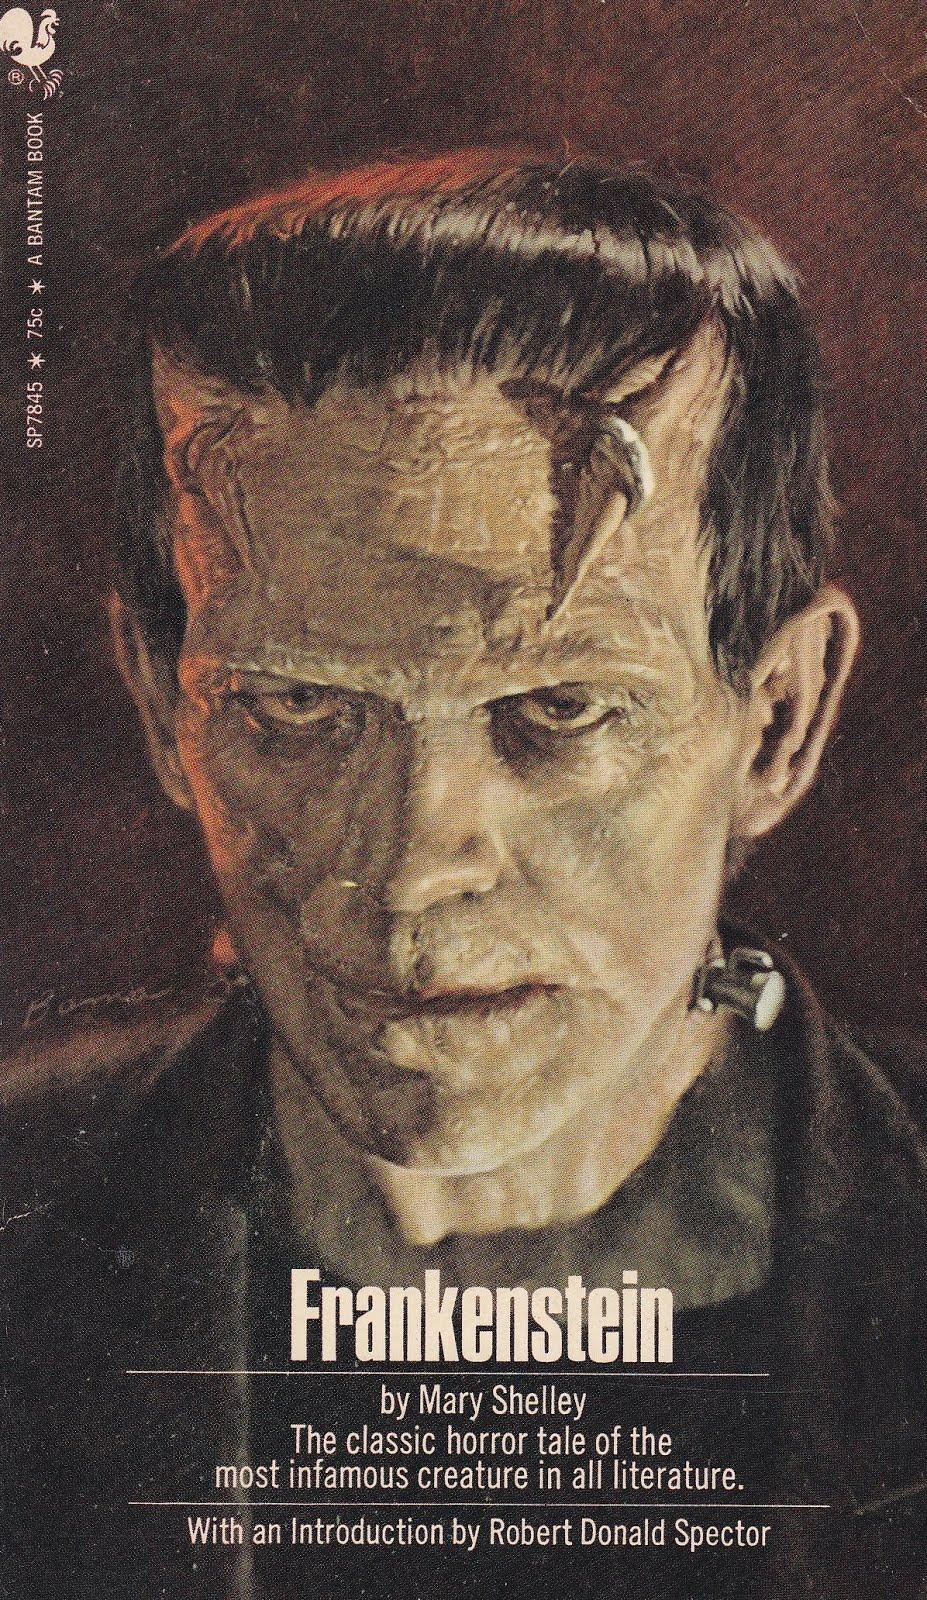 Persuasive Essay About Frankenstein